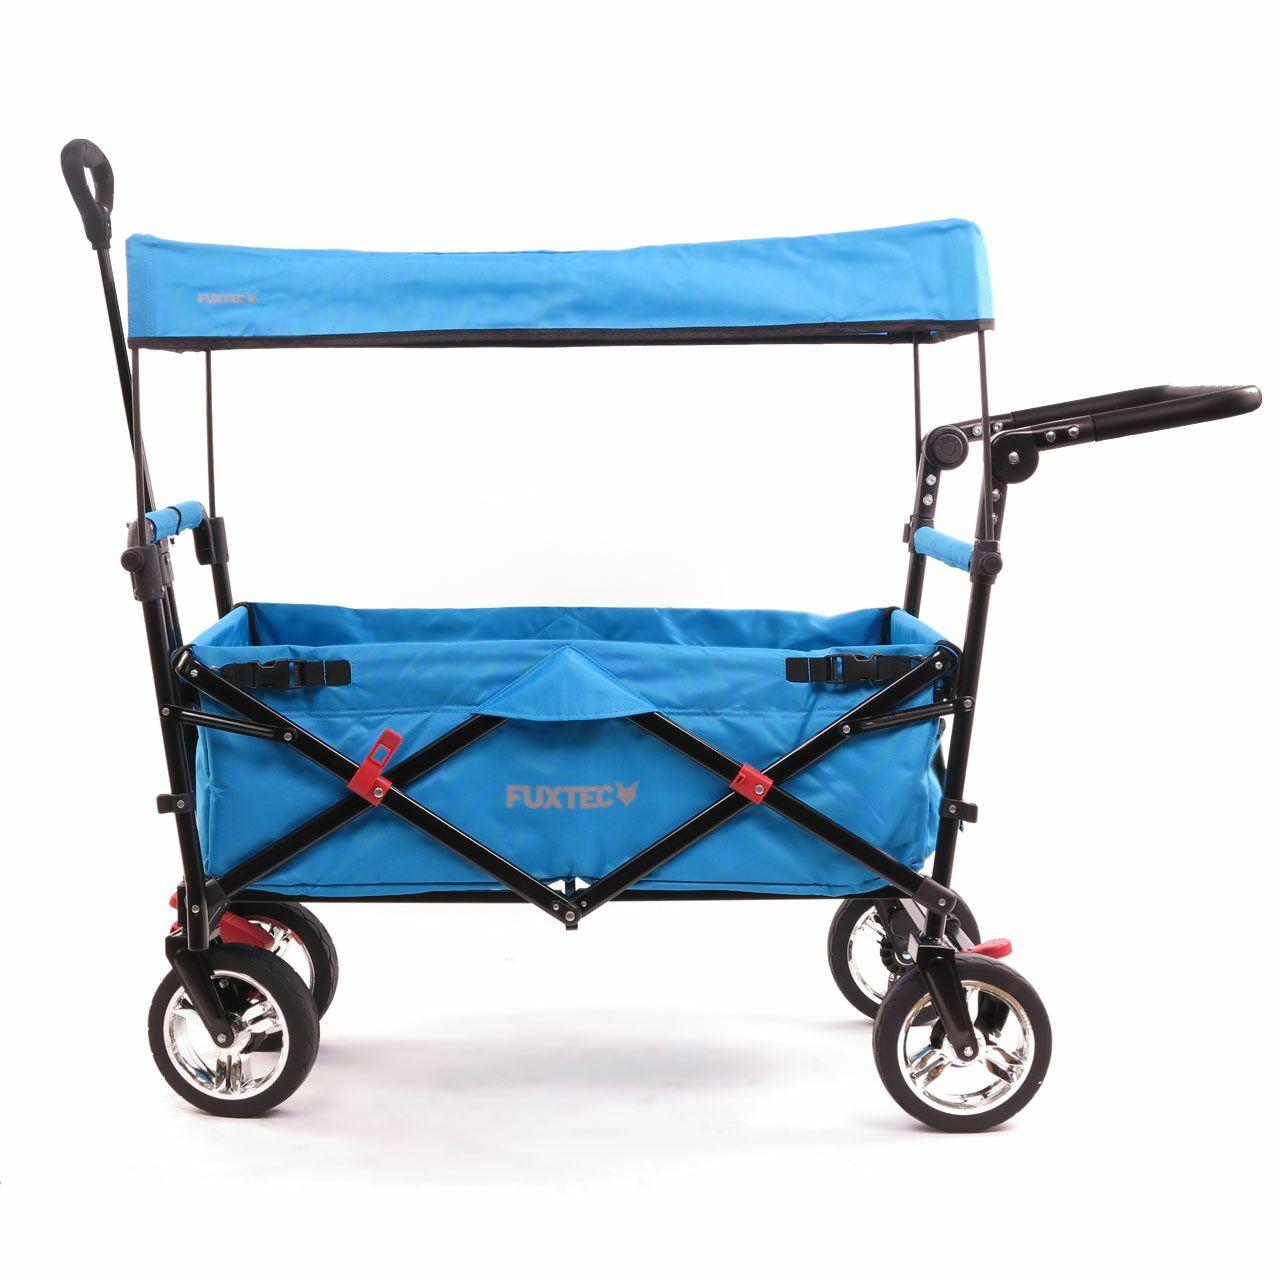 FUXTEC Bollerwagen FX-CT700 (klappbar, bis 75kg belastbar) mit UV-geschütztem Sonnendach und Schiebegriff